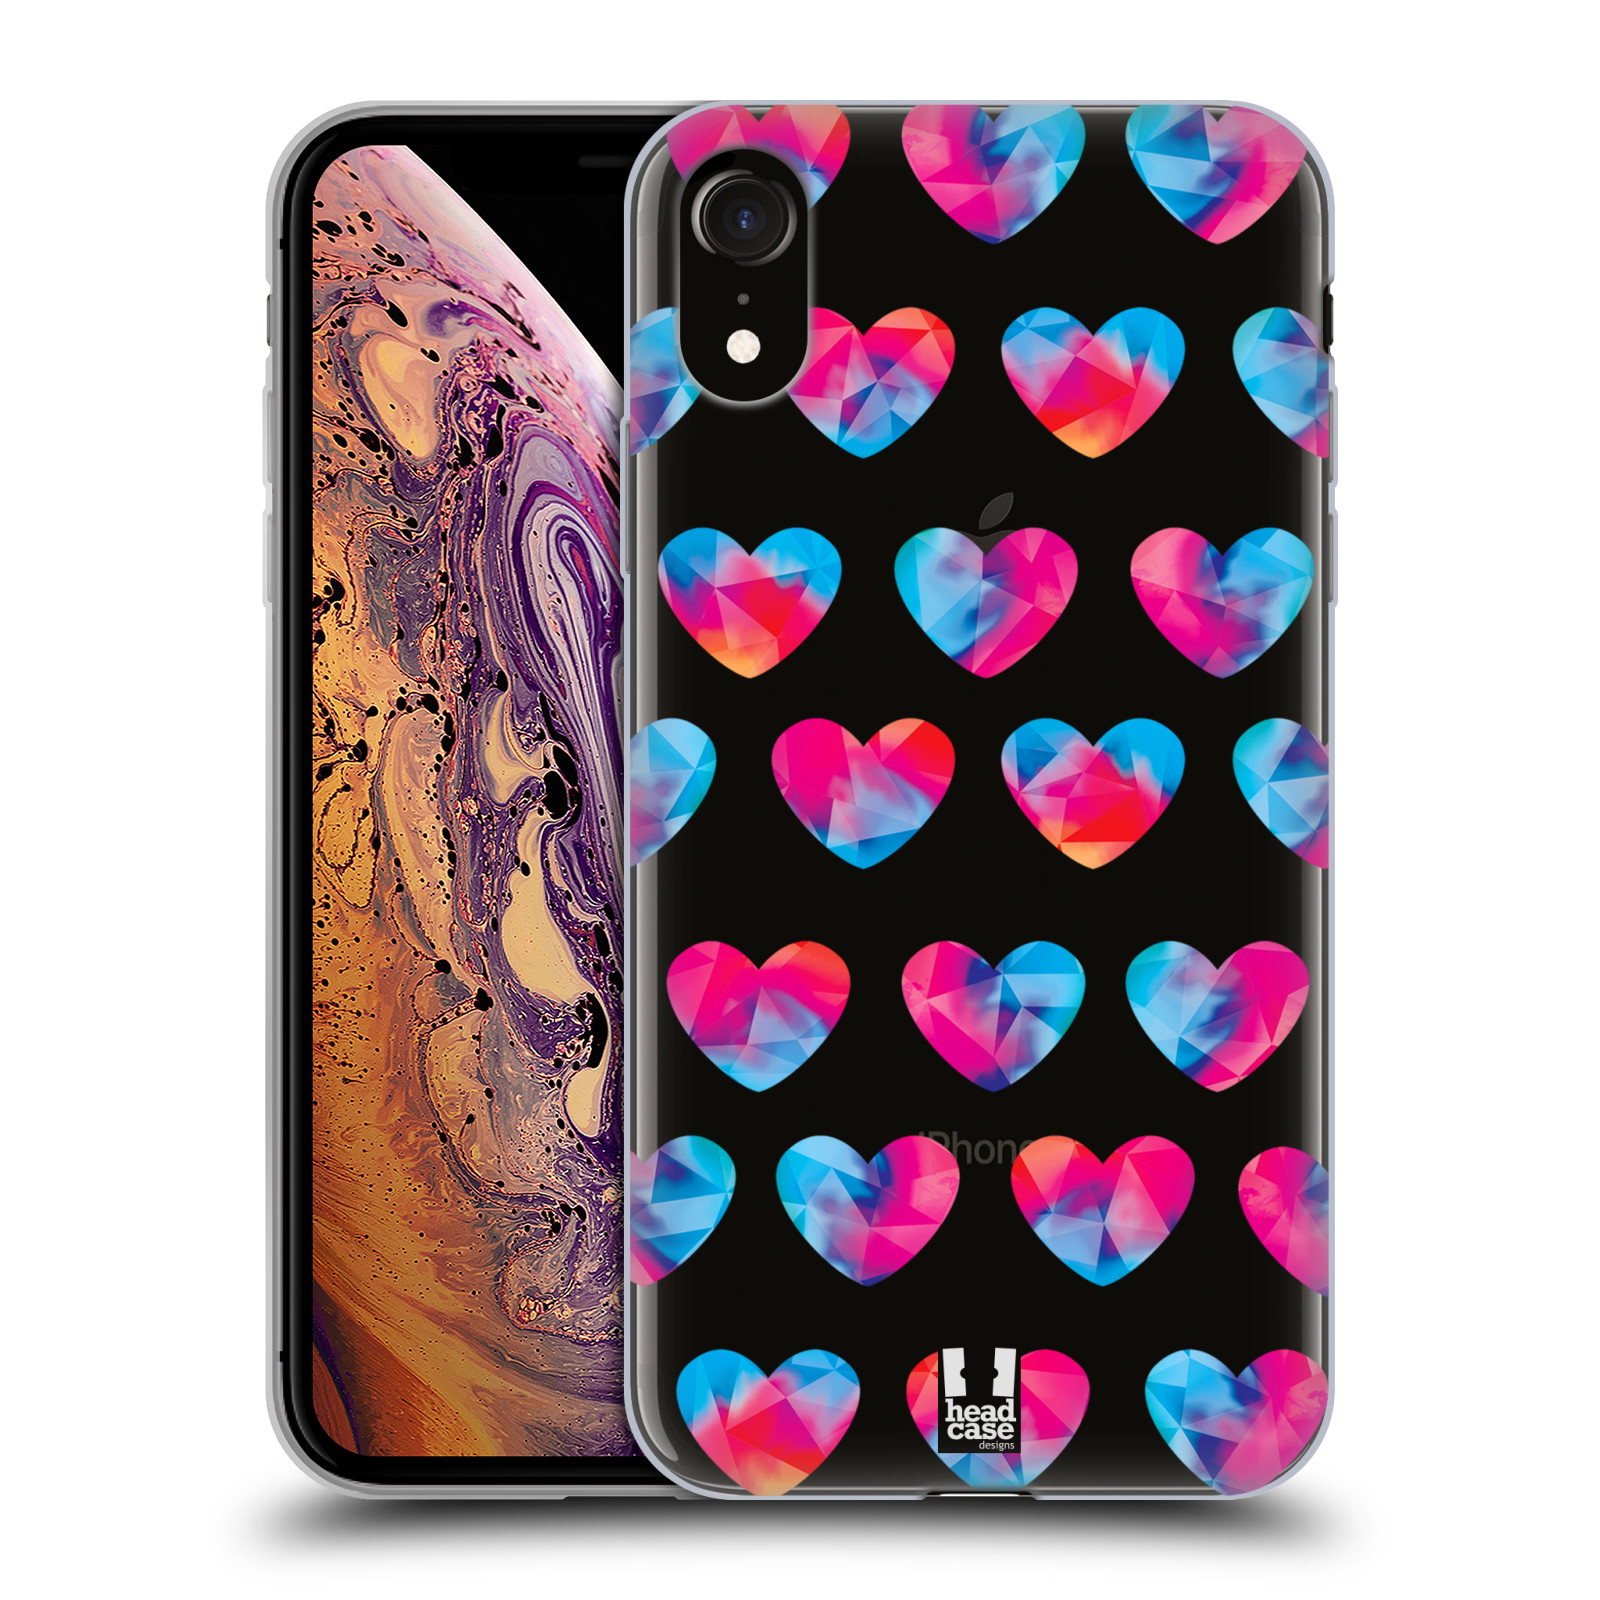 Silikonové pouzdro na mobil Apple iPhone XR - Head Case - Srdíčka hrající barvami